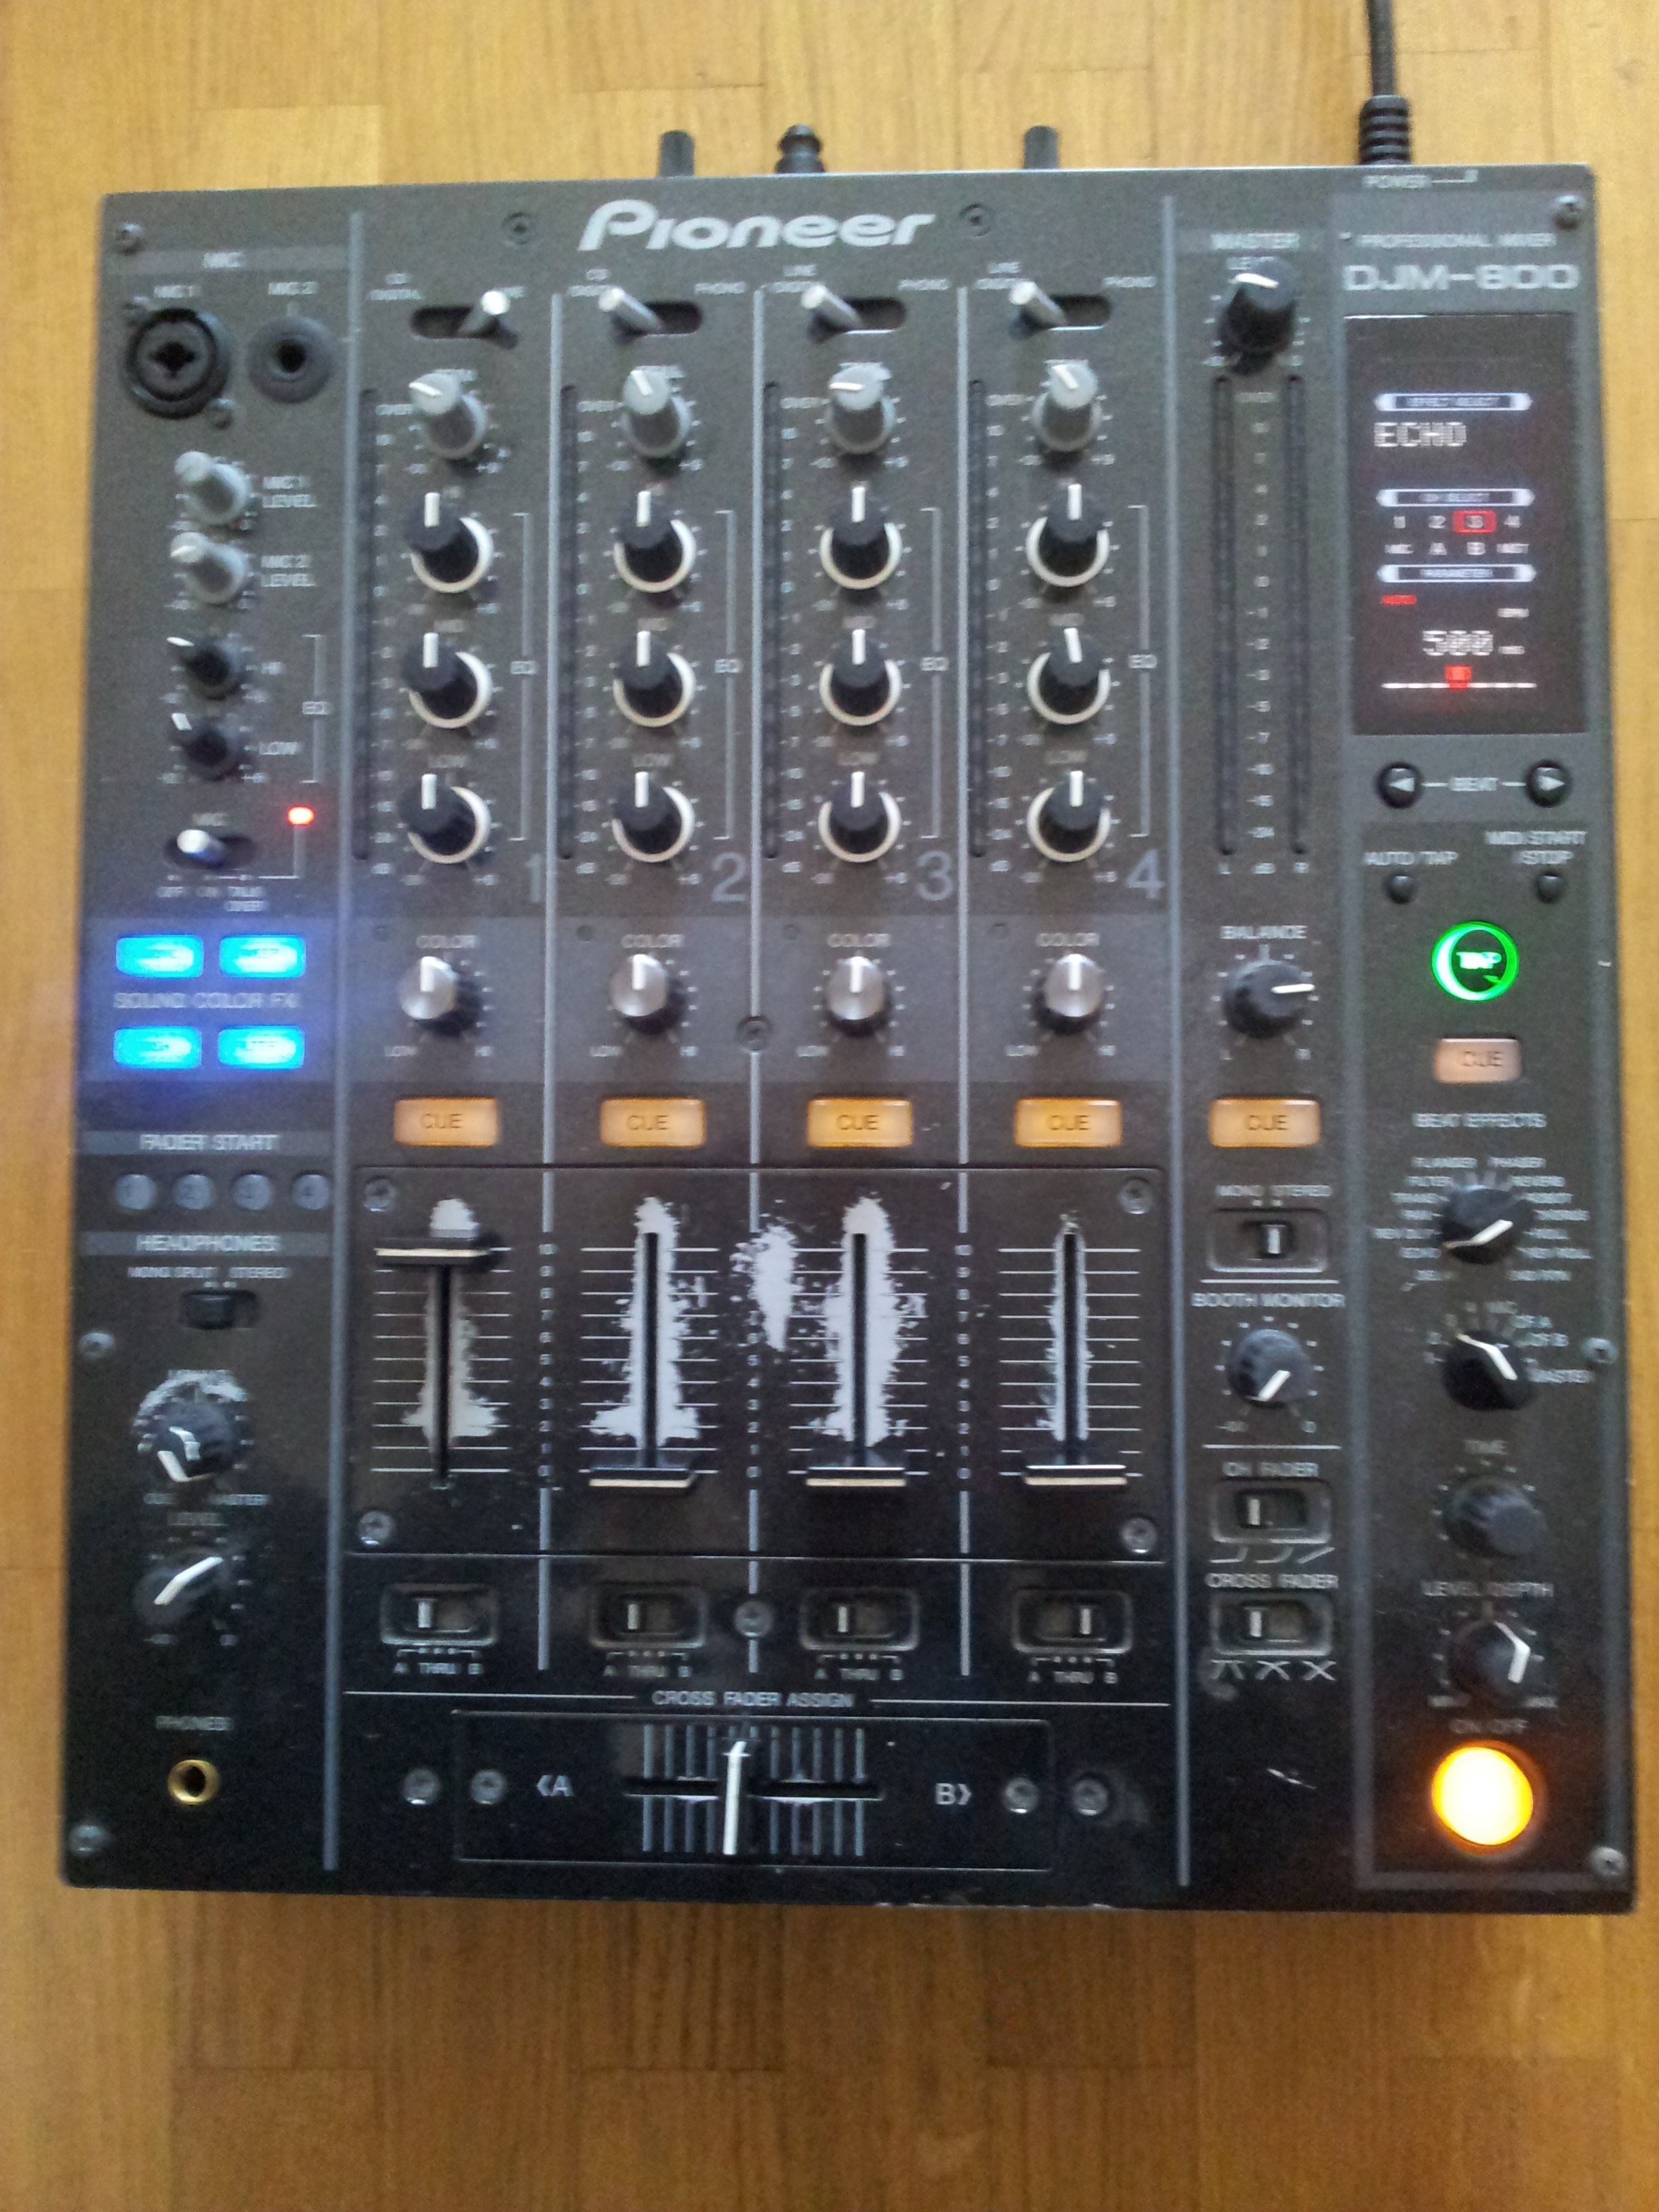 table de mixage djm 800 pioneer